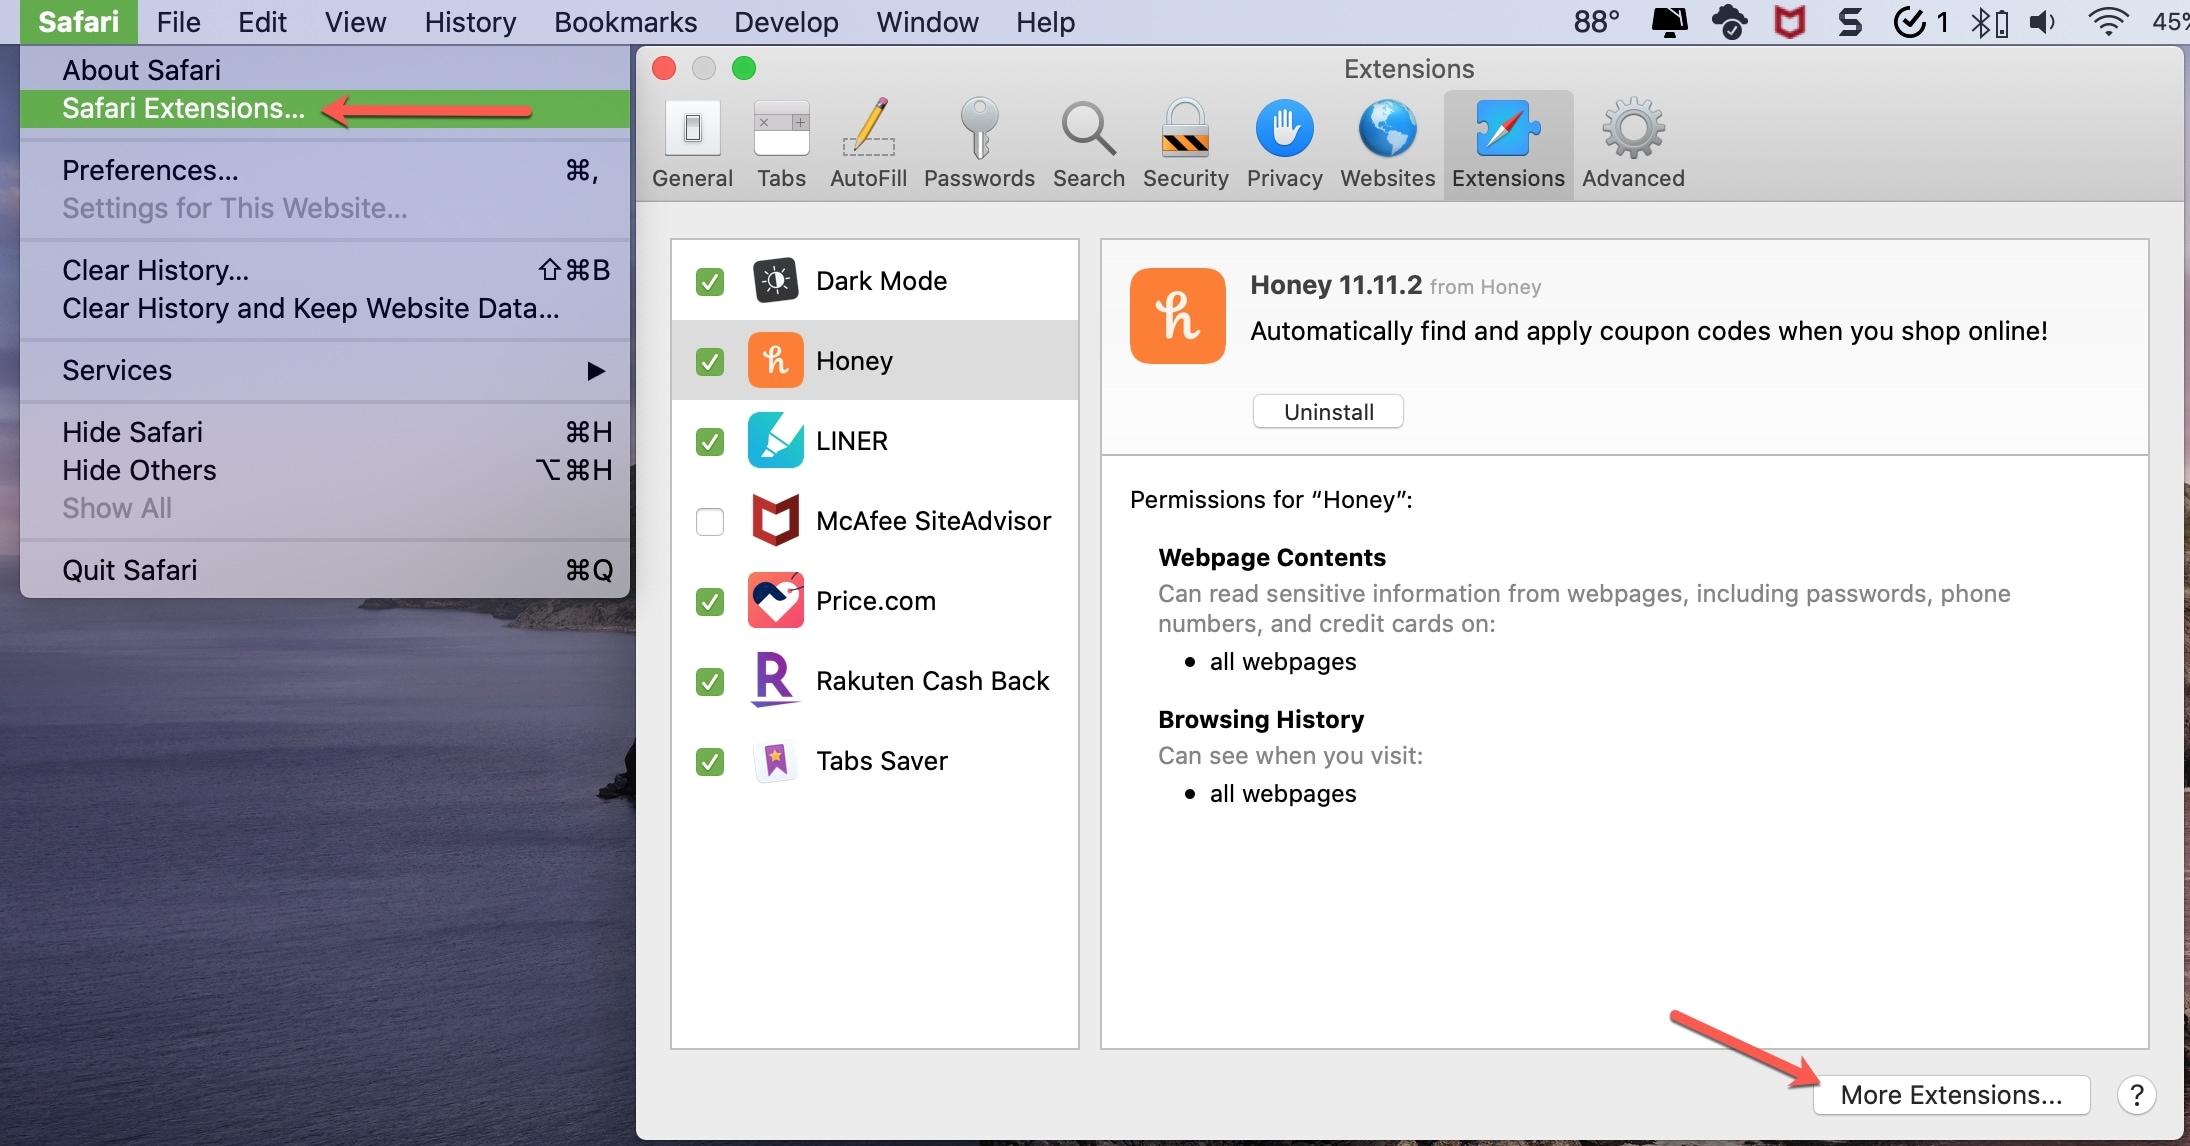 Safari Get Extensions Mac App Store